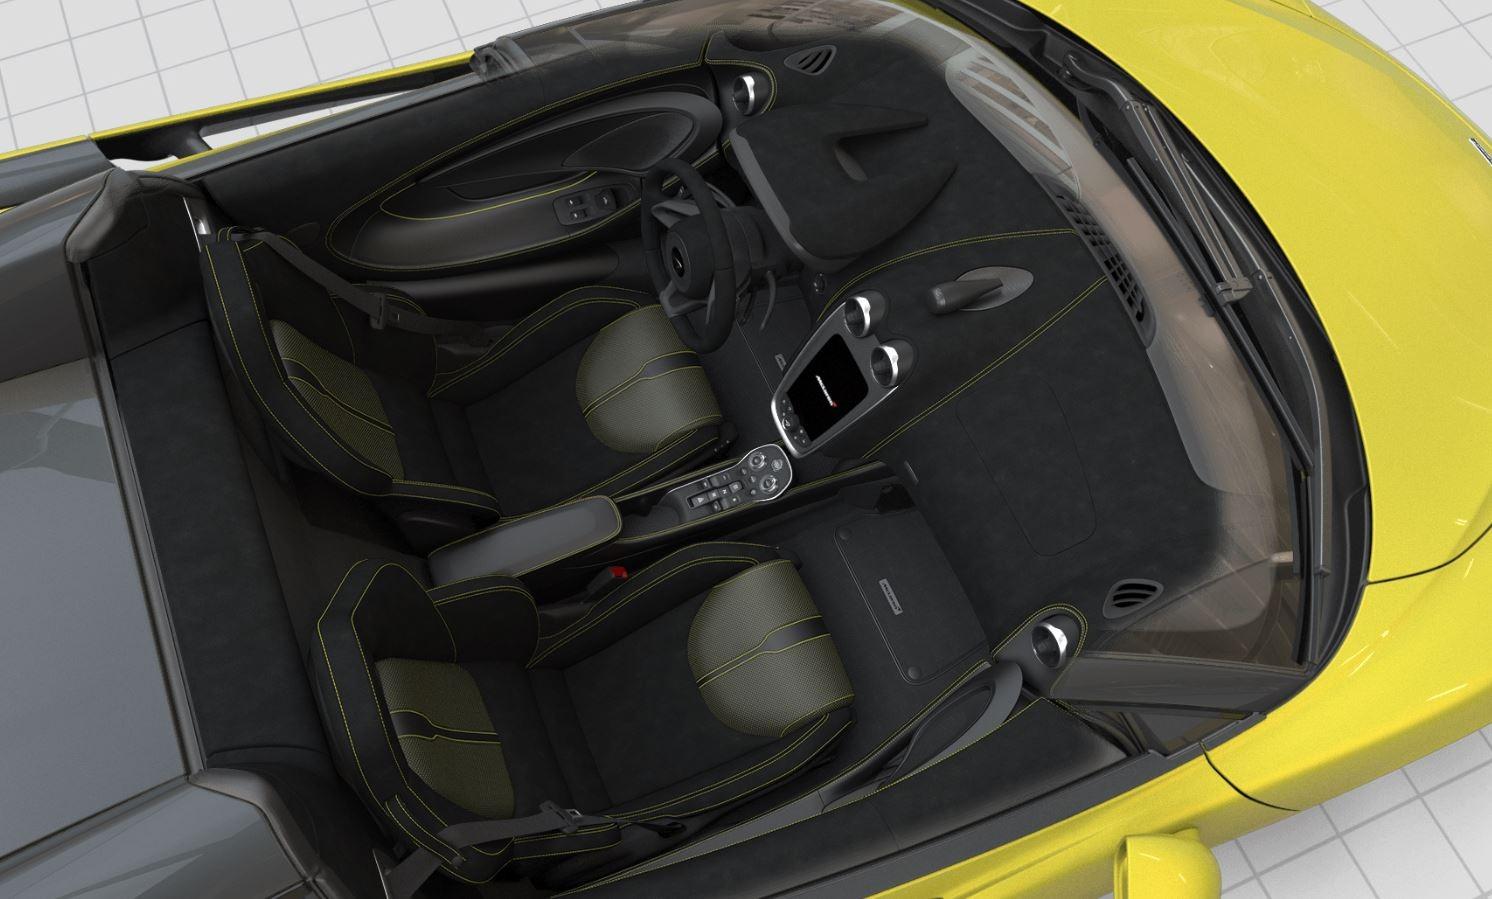 Used 2018 McLaren 570S Spider For Sale In Westport, CT 2264_p4